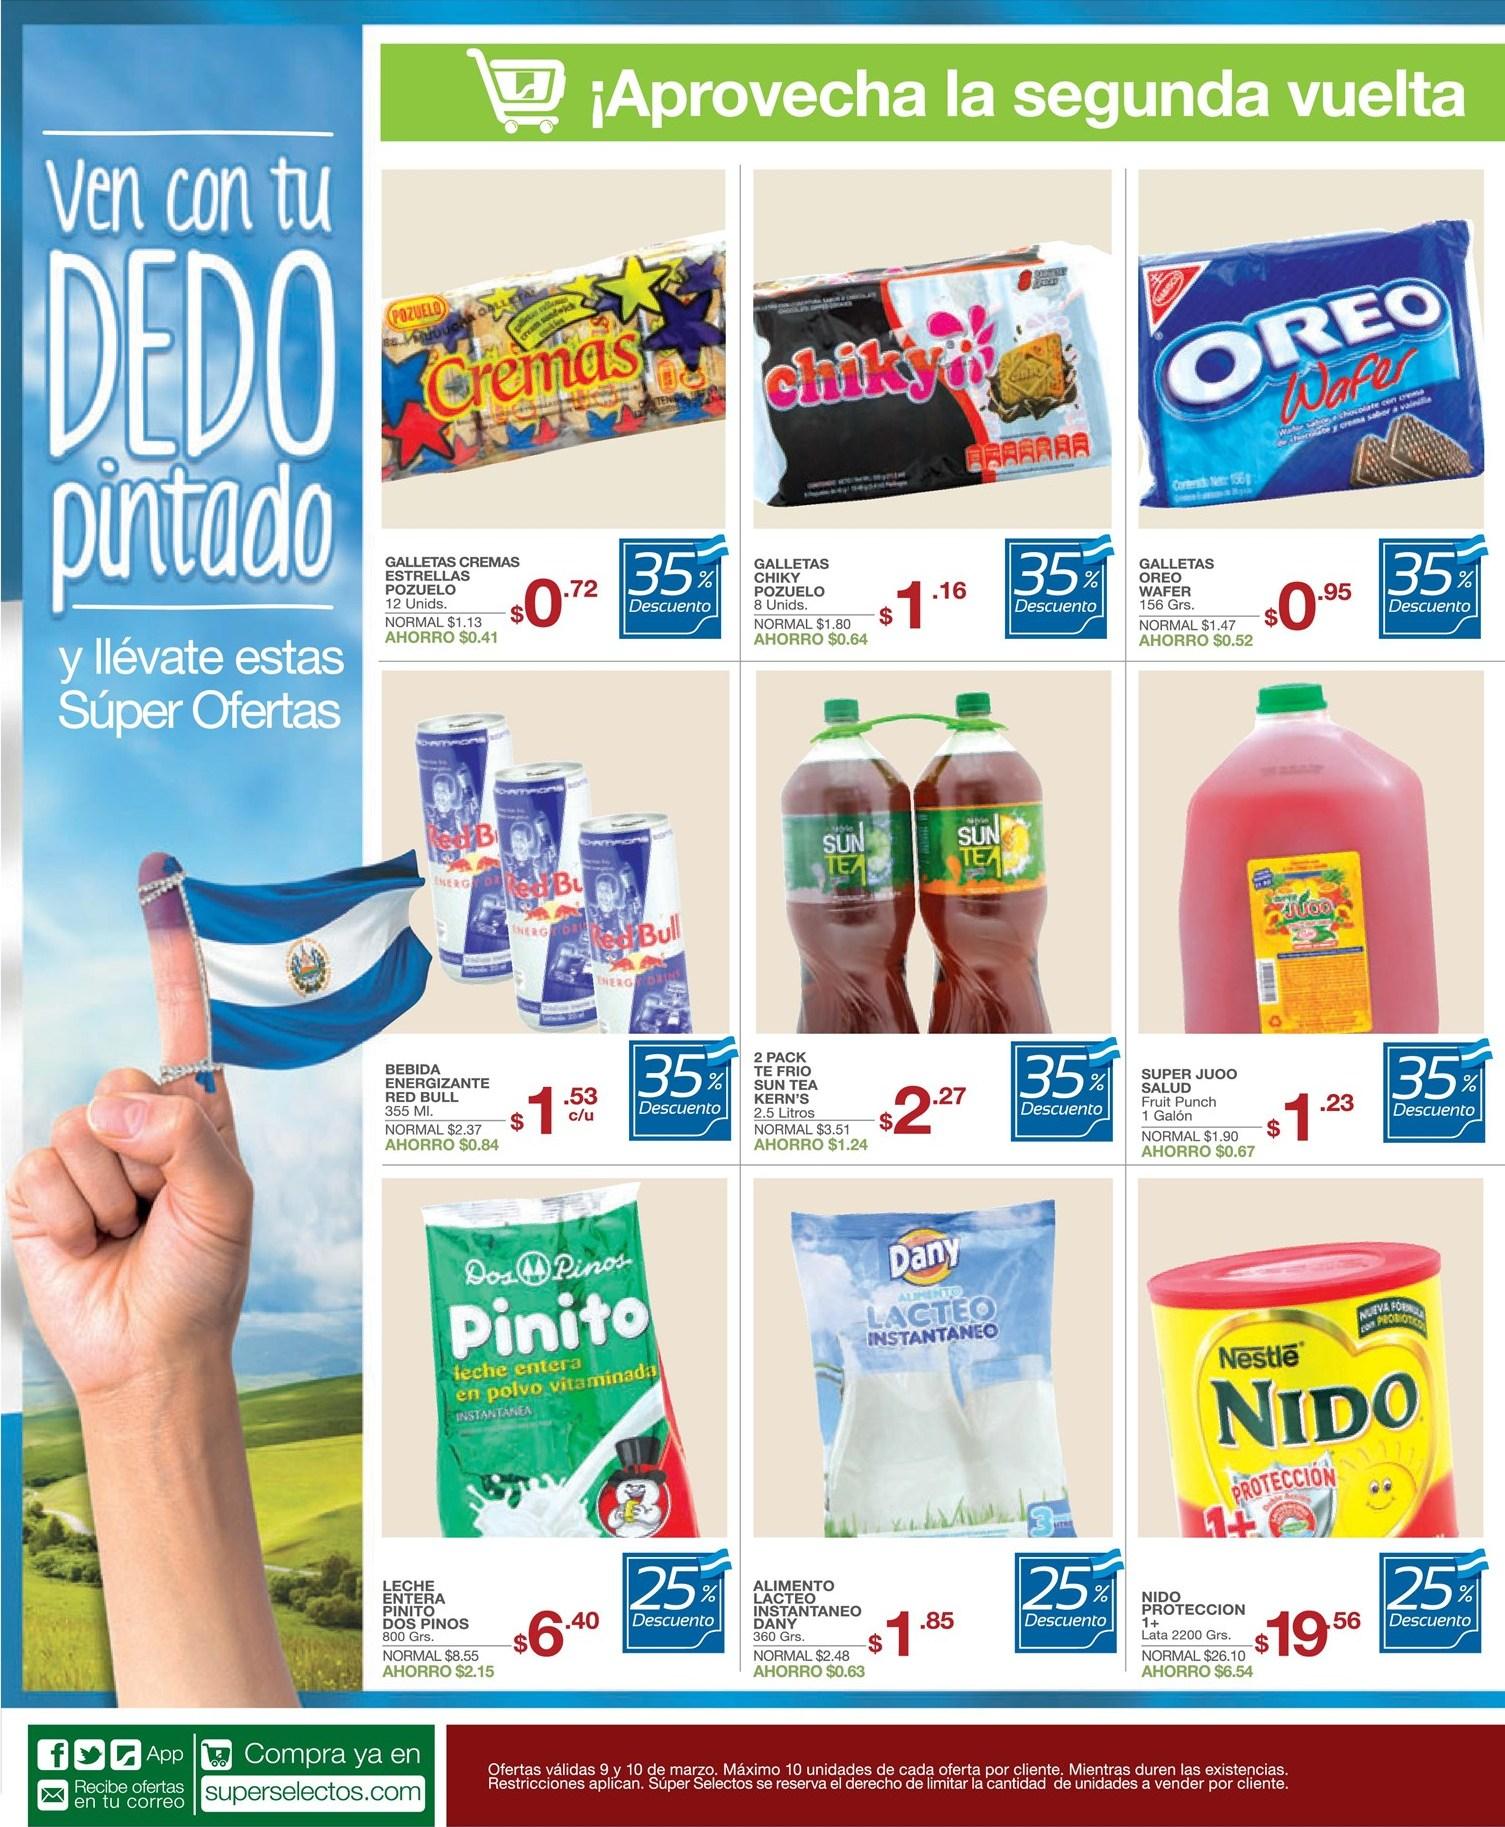 Aprovecha la segunda vuelta SUPER SELELECTOS ofertas descuentos promociones - 09mar14